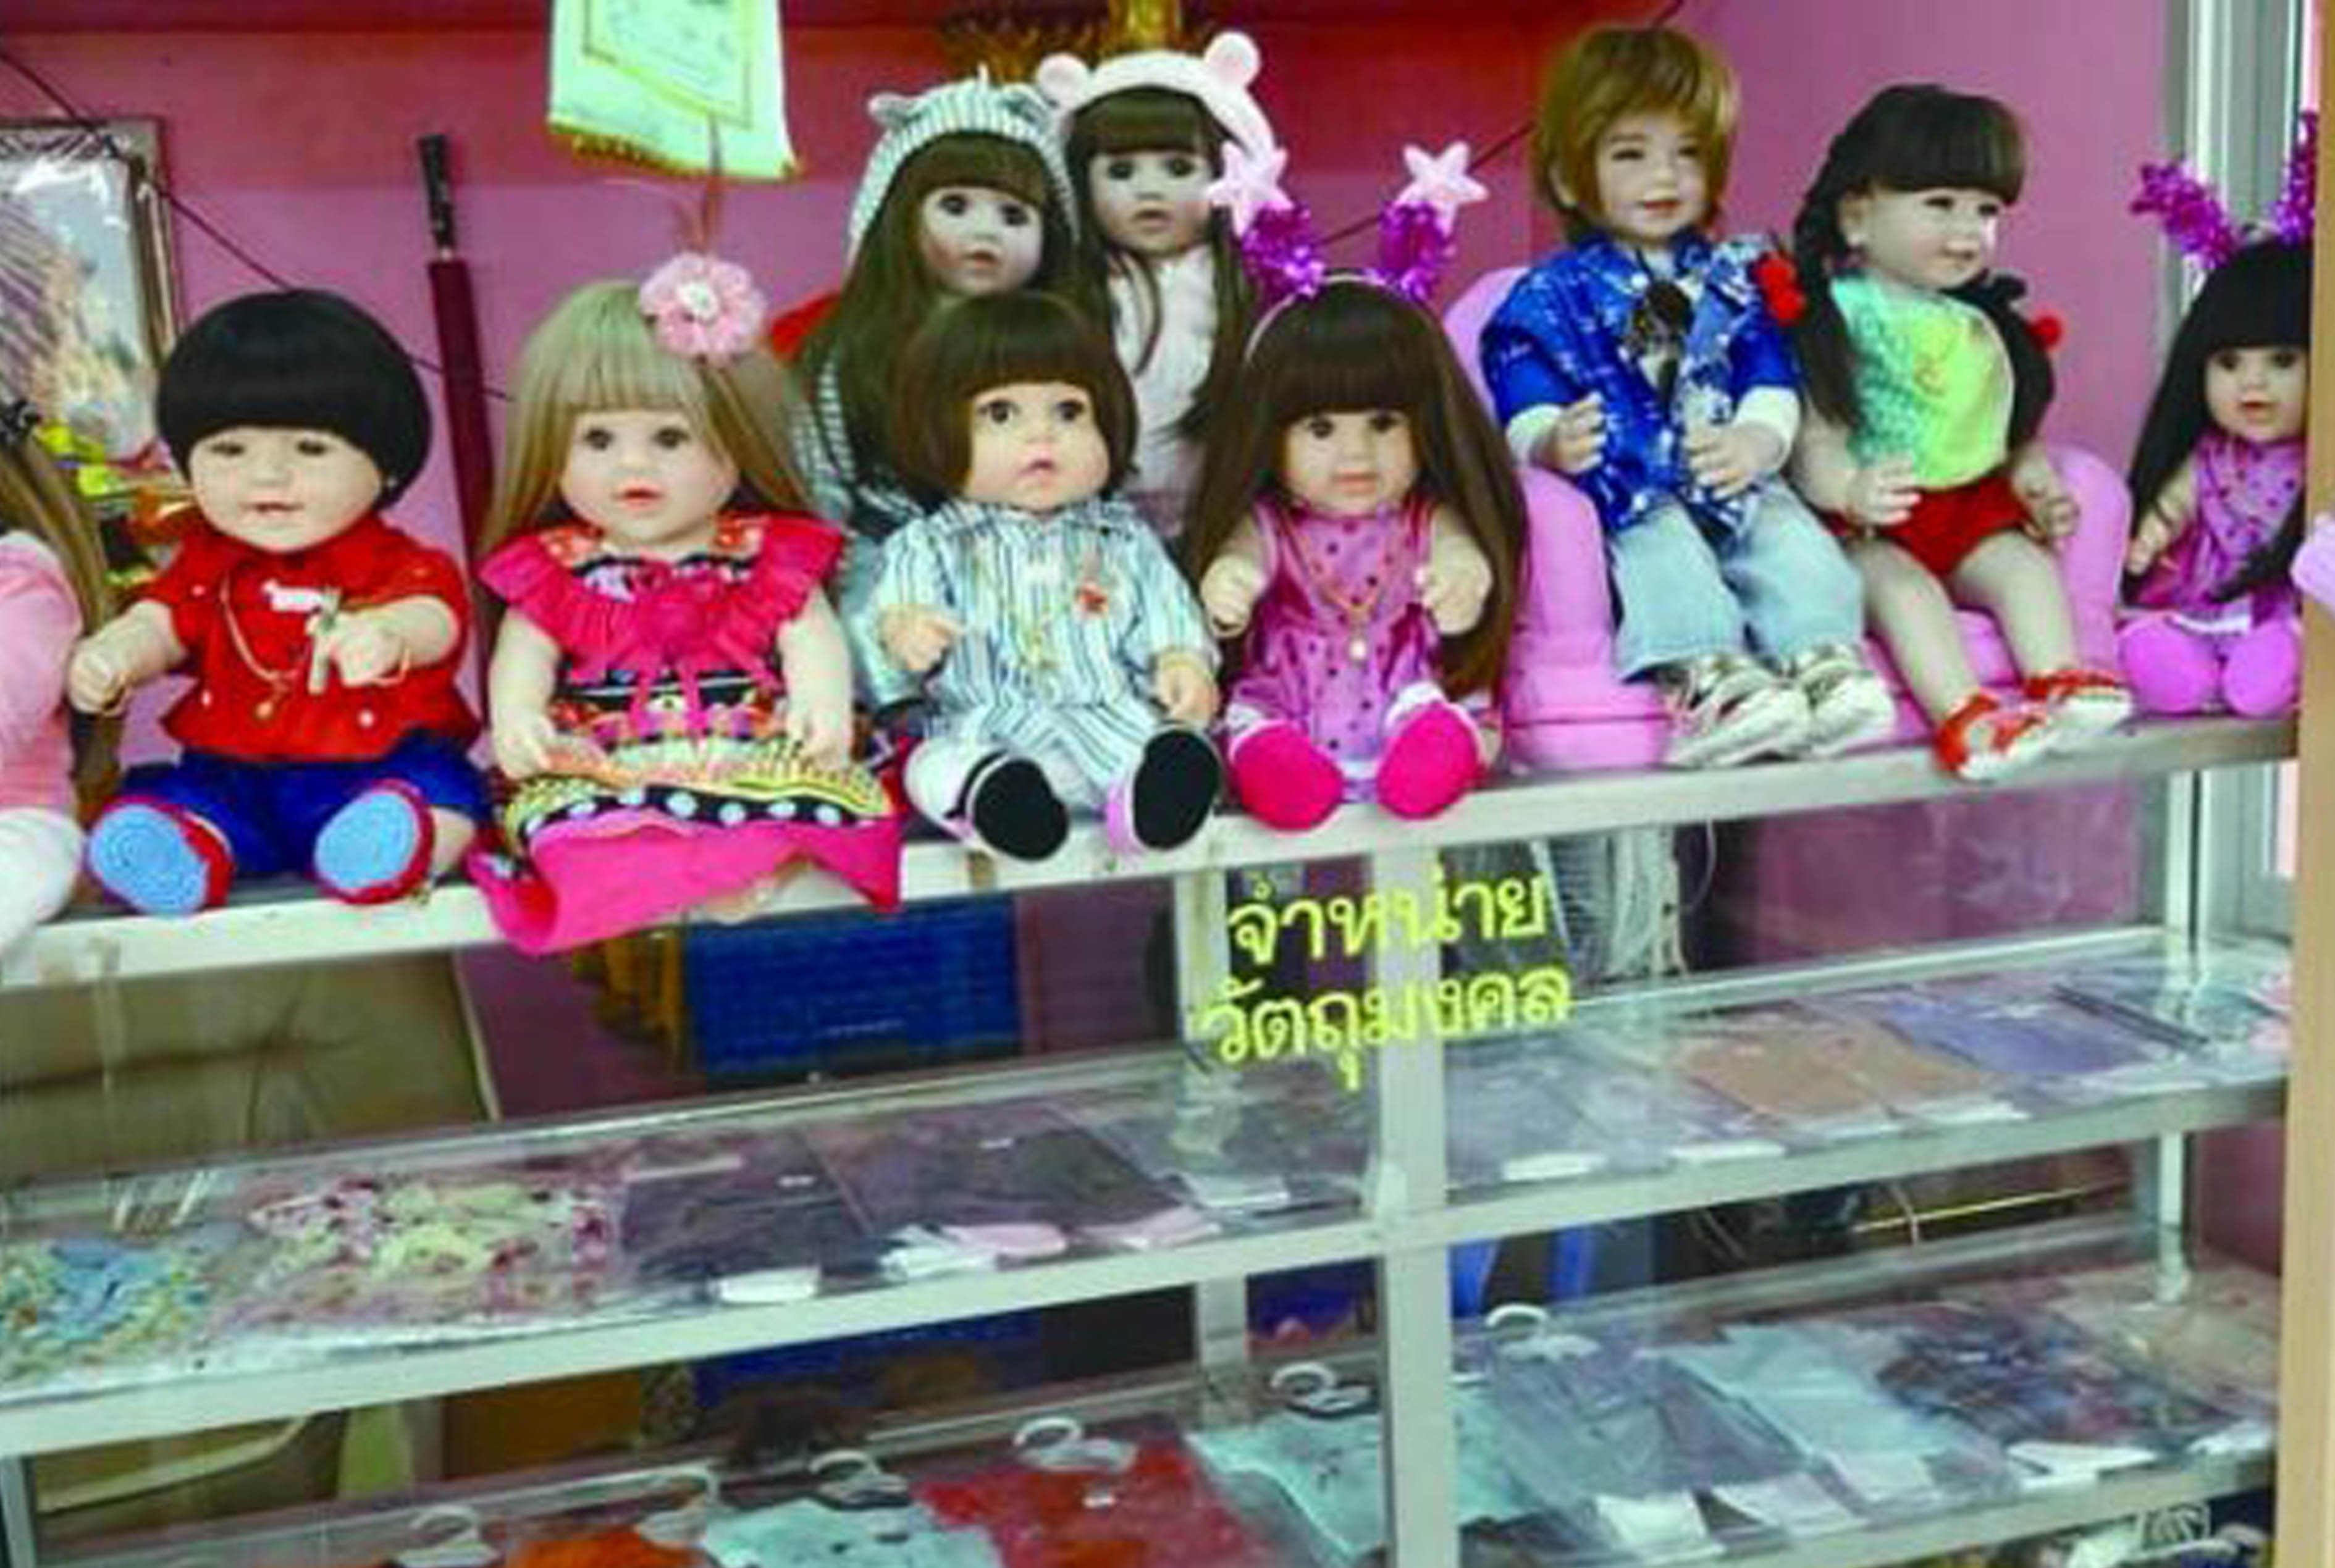 人形への過剰なサービス - ワイズデジタル【タイで生活する人のための情報サイト】